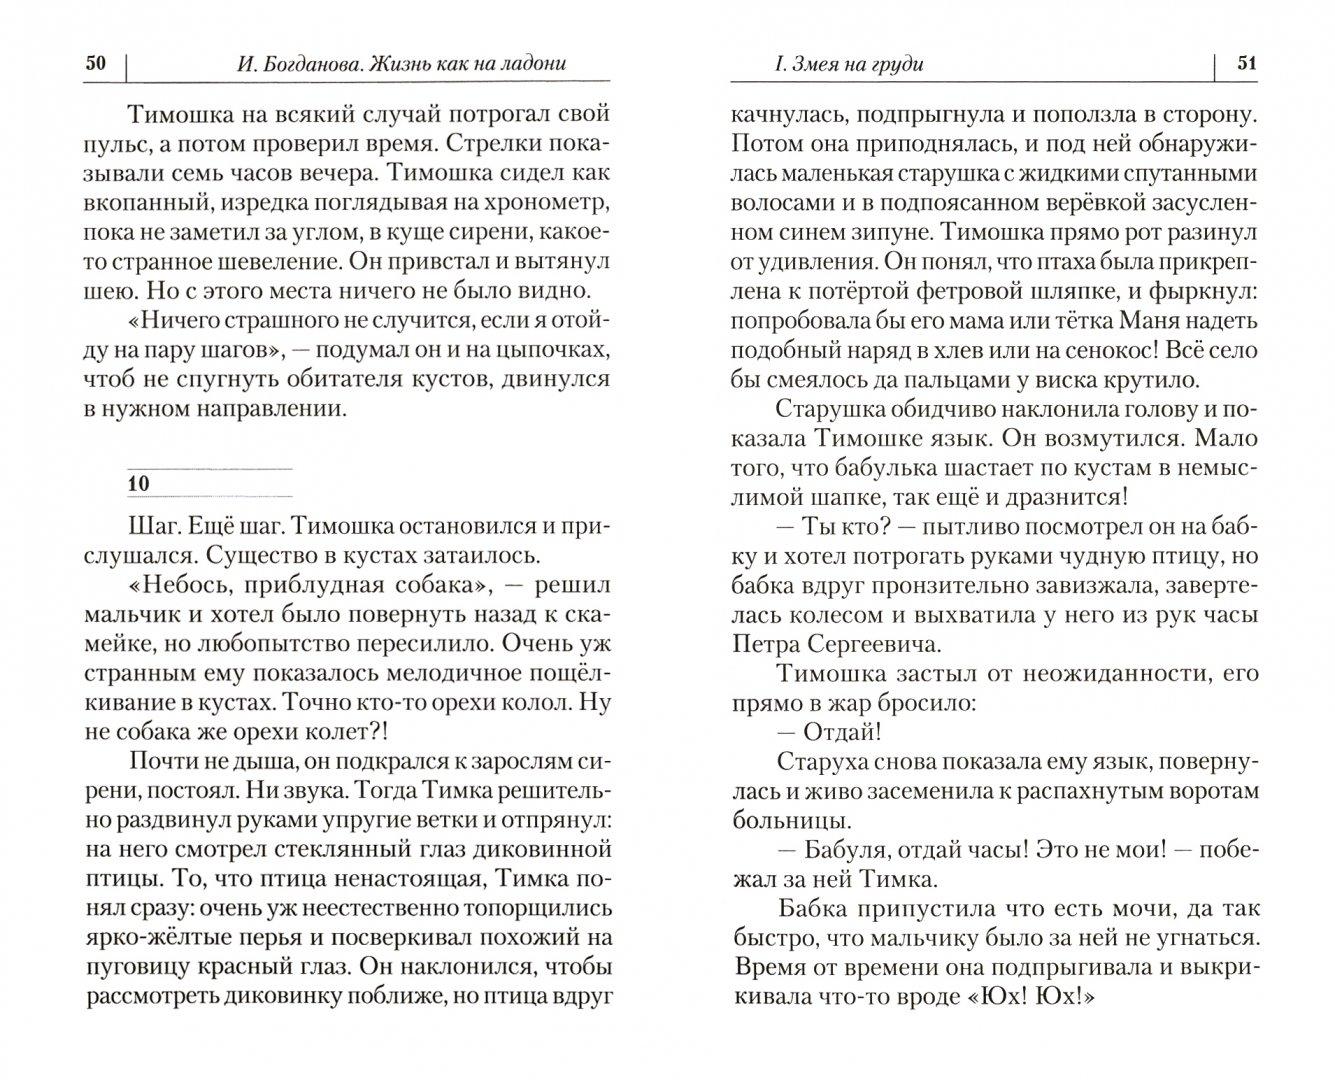 Иллюстрация 1 из 35 для Жизнь как на ладони - Ирина Богданова   Лабиринт - книги. Источник: Лабиринт